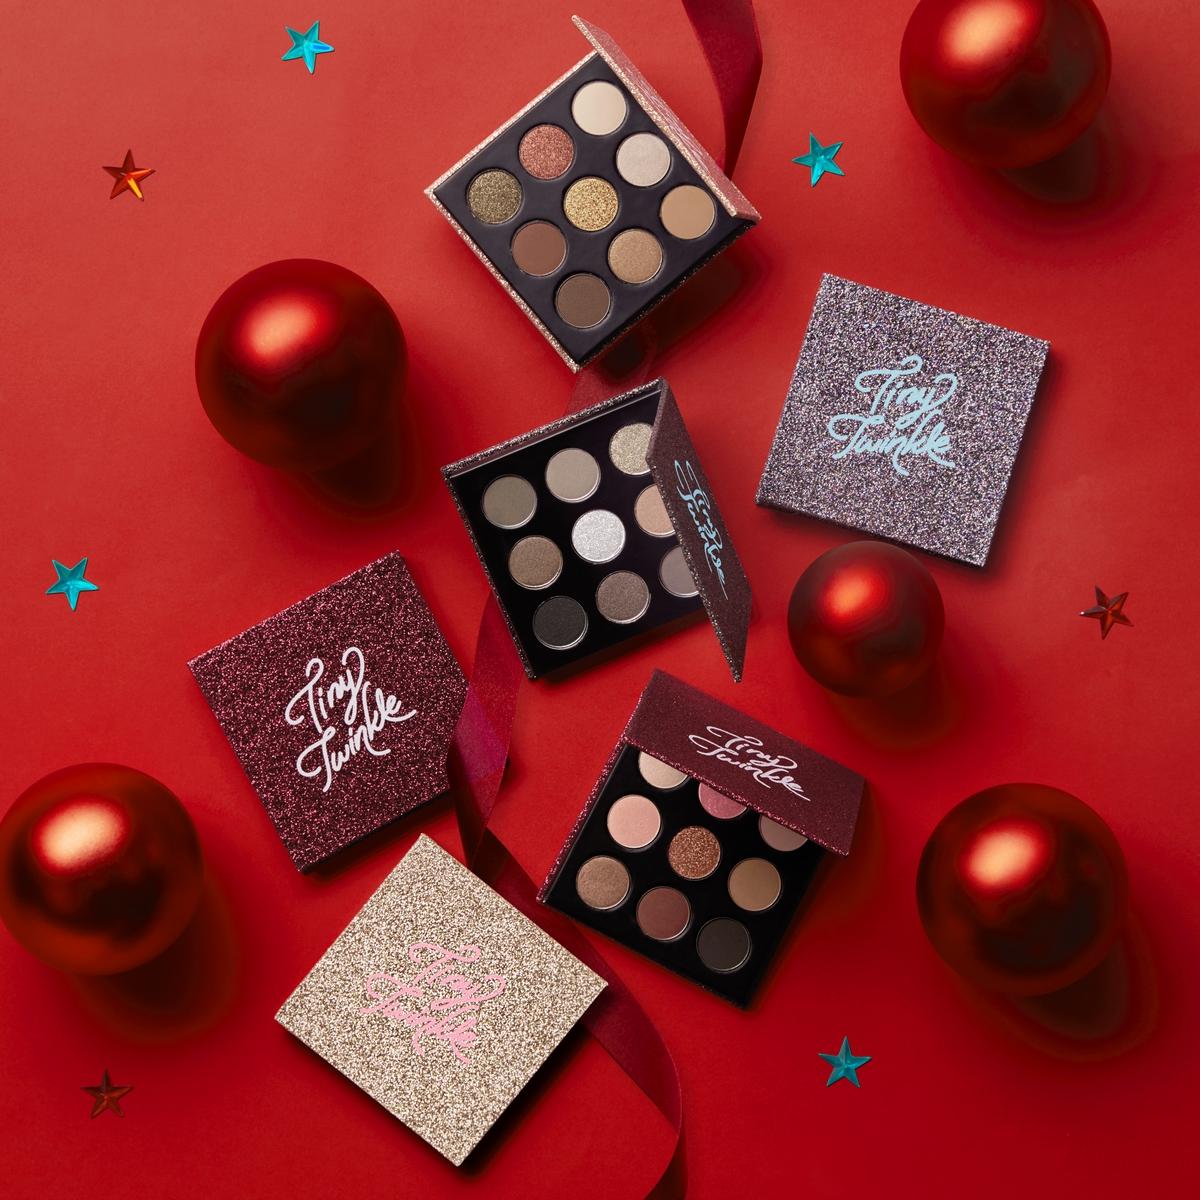 聖誕禮物就靠Etude House〜從頭到腳都幫妳準備好了